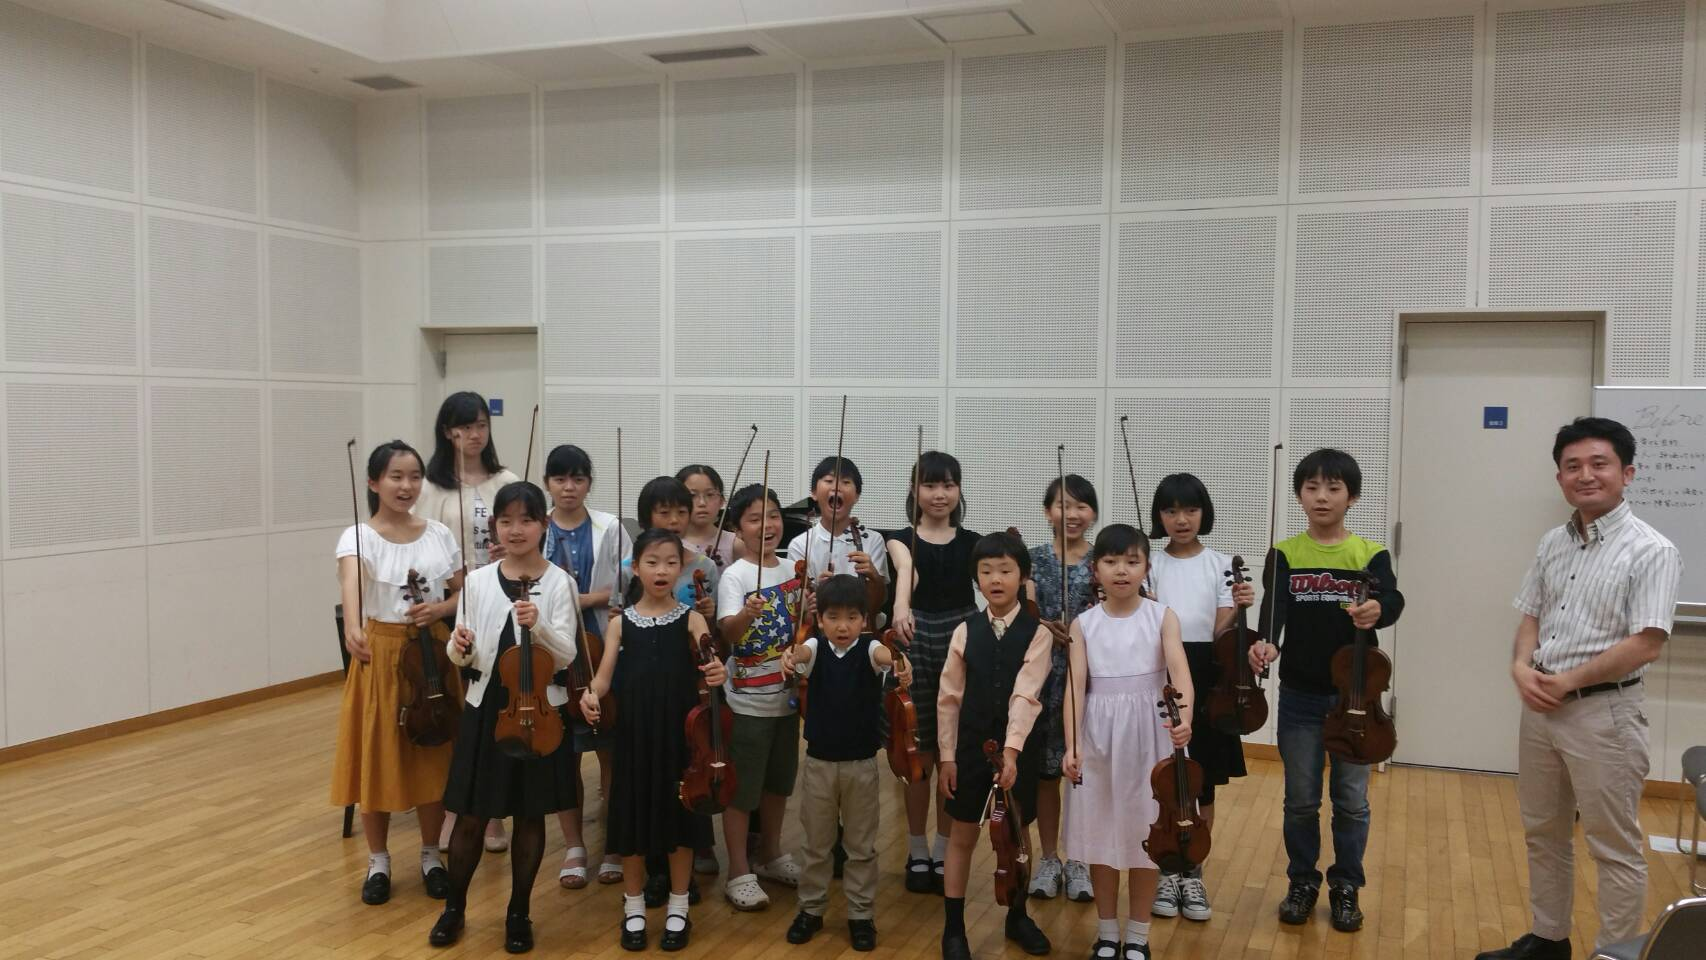 試演会2017@東京芸術劇場リハーサルルーム